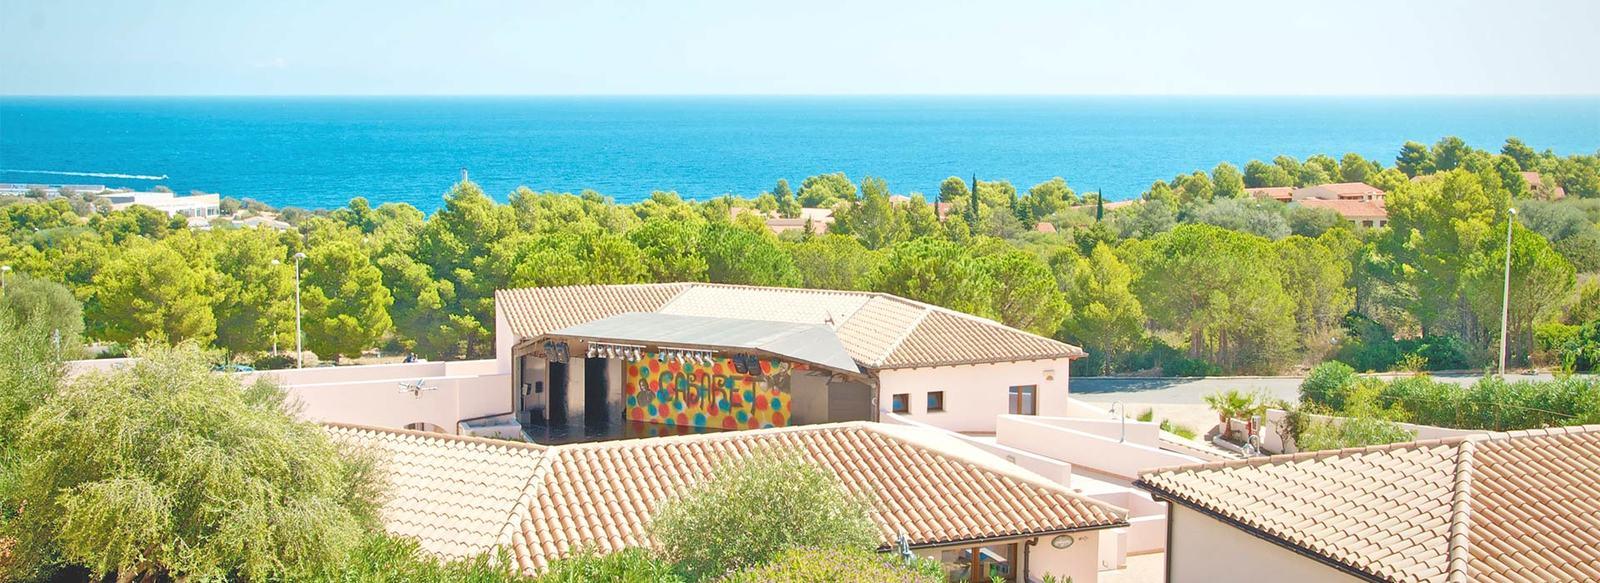 Esclusivo resort per famiglie nel Golfo di Orosei